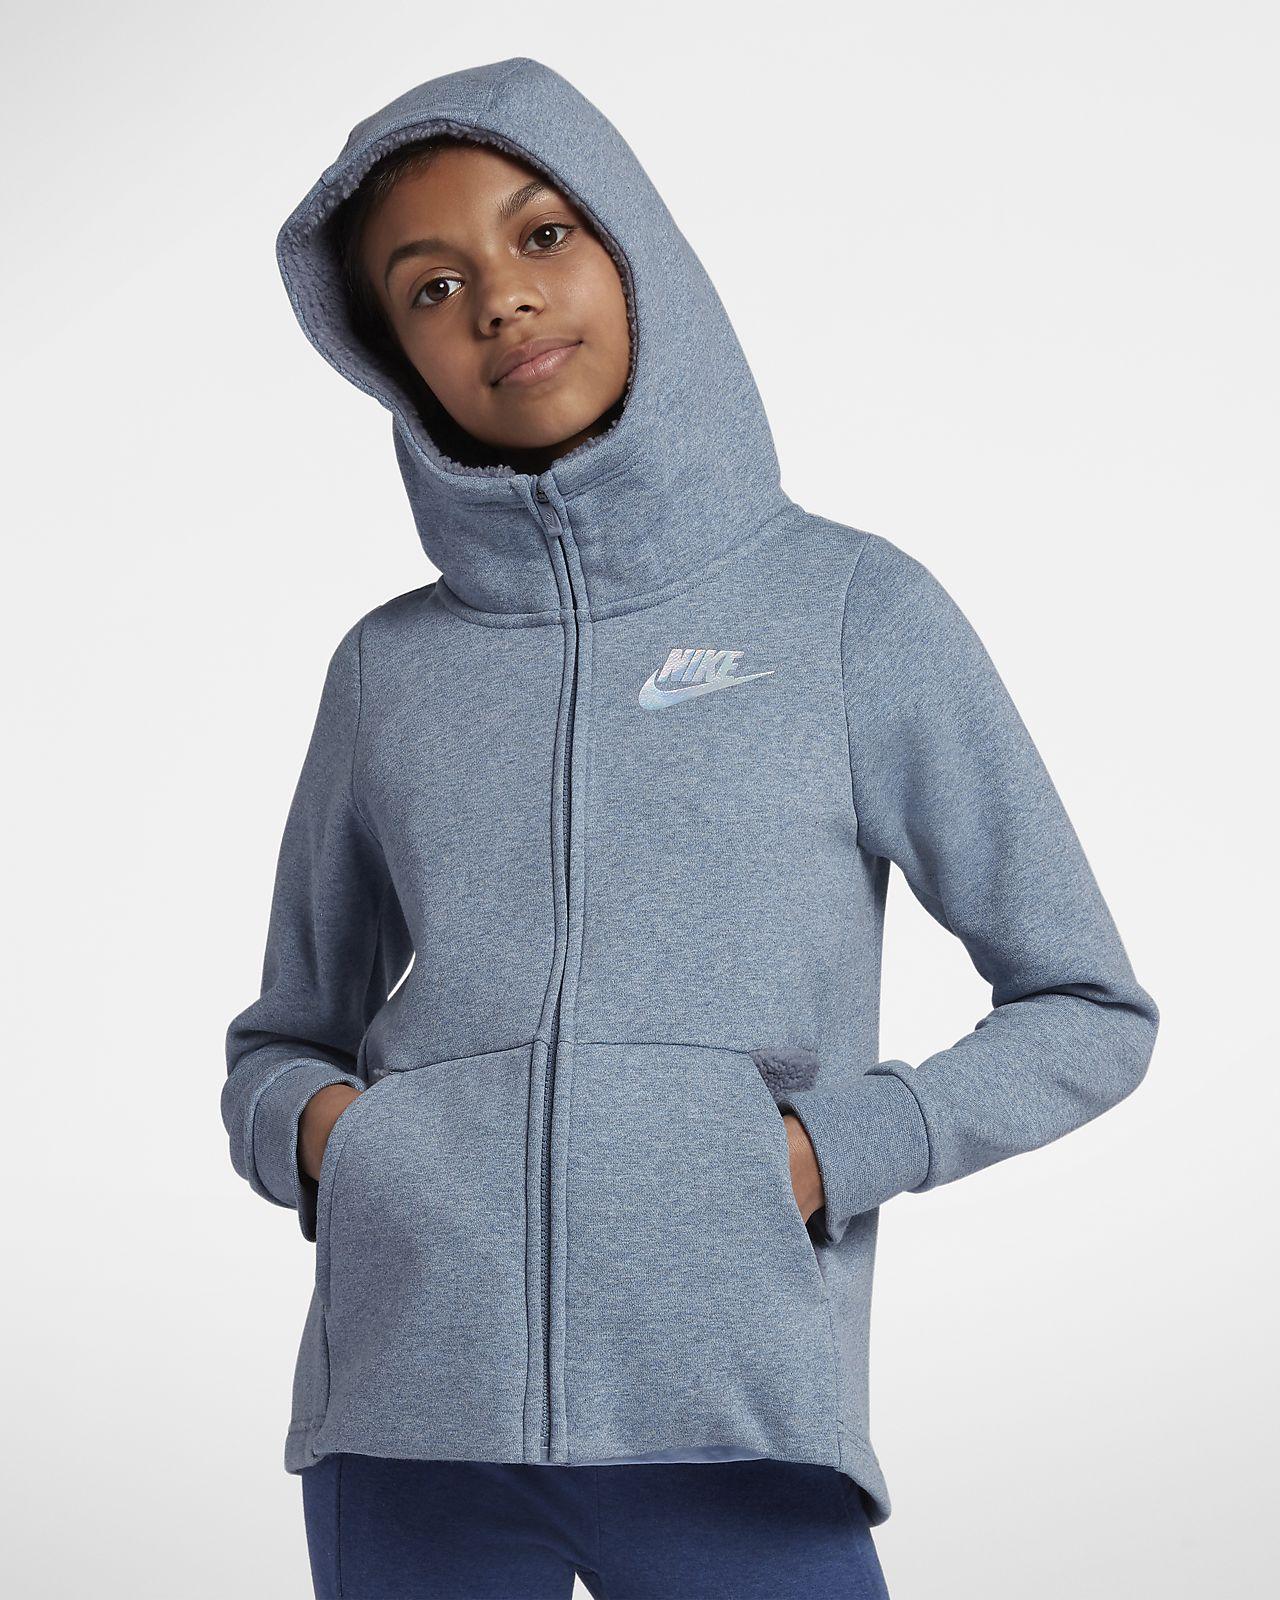 Huvtröja med hel dragkedja Nike Sportswear för tjejer